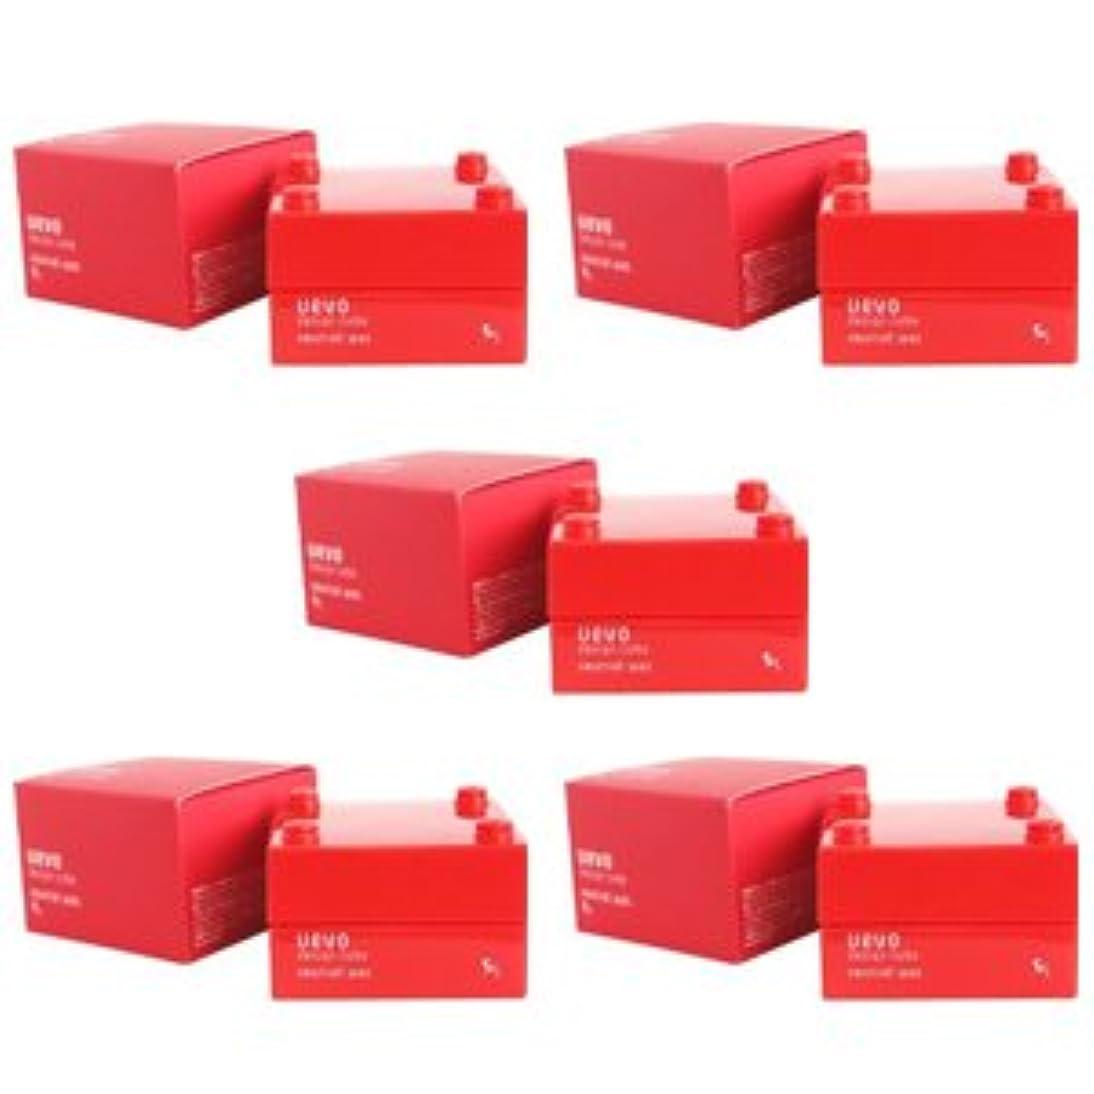 前部幹受粉者【X5個セット】 デミ ウェーボ デザインキューブ ニュートラルワックス 30g neutral wax DEMI uevo design cube